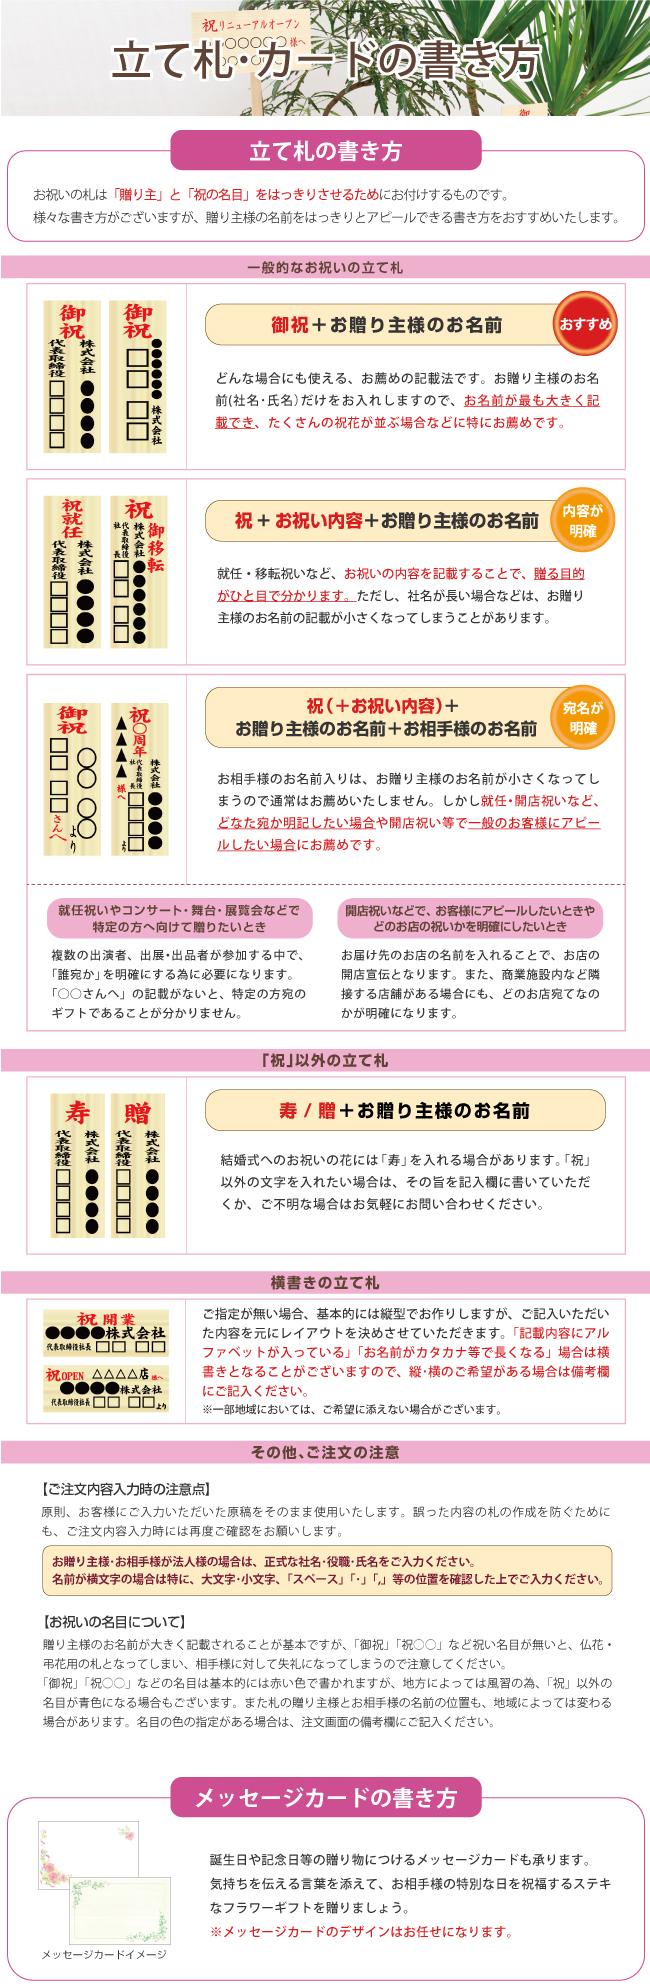 立て札・カード書き方紹介ページ